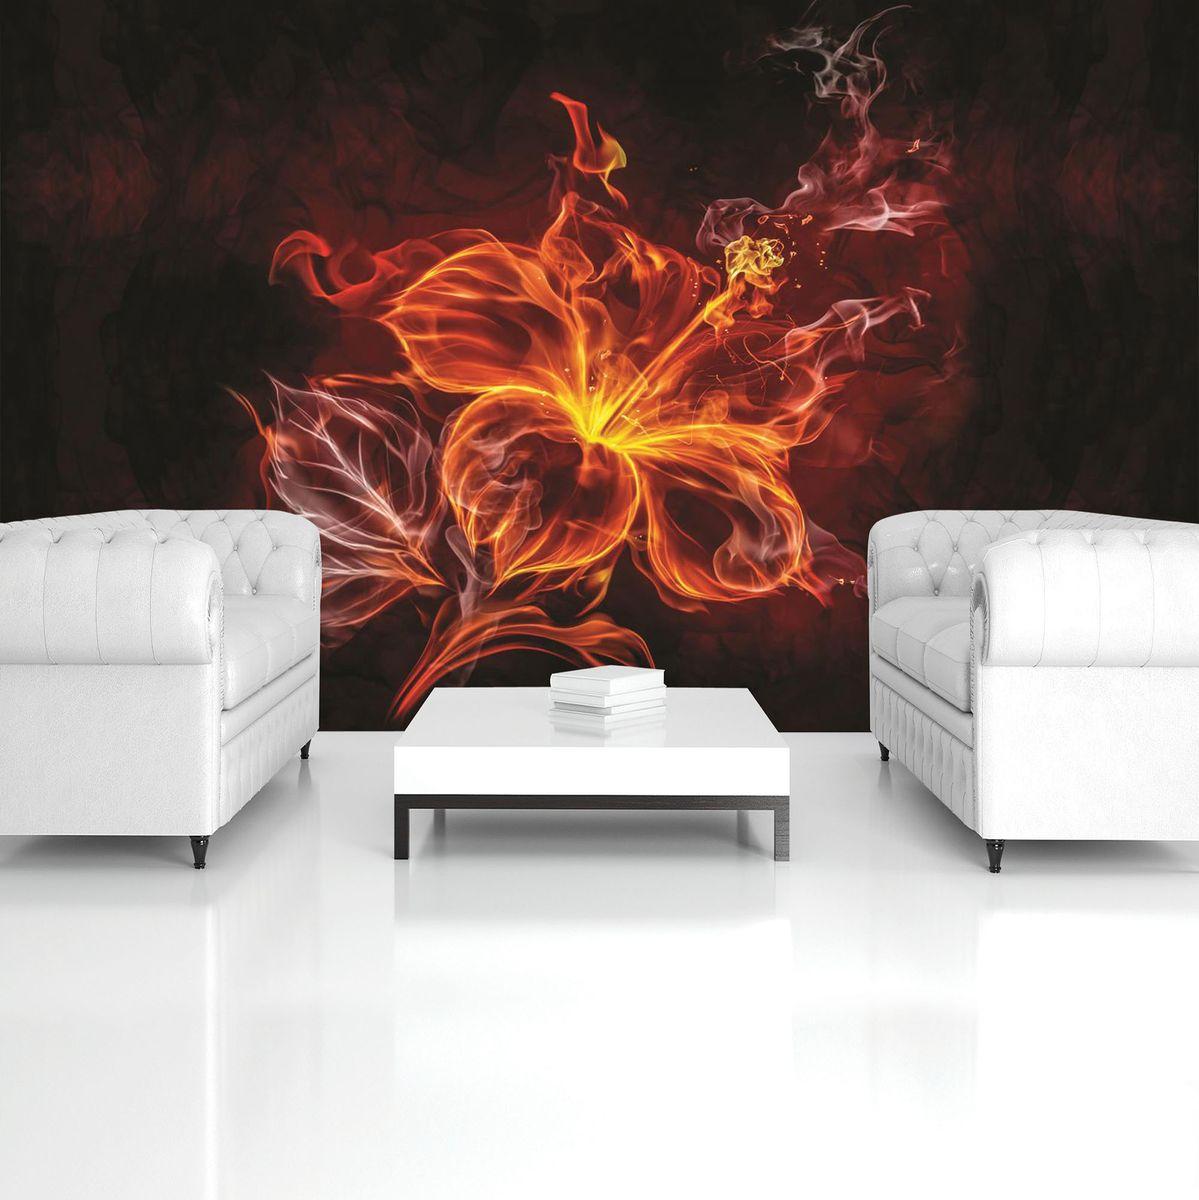 Fototapeta - Květ - oheň a kouř (T030721T368254A)